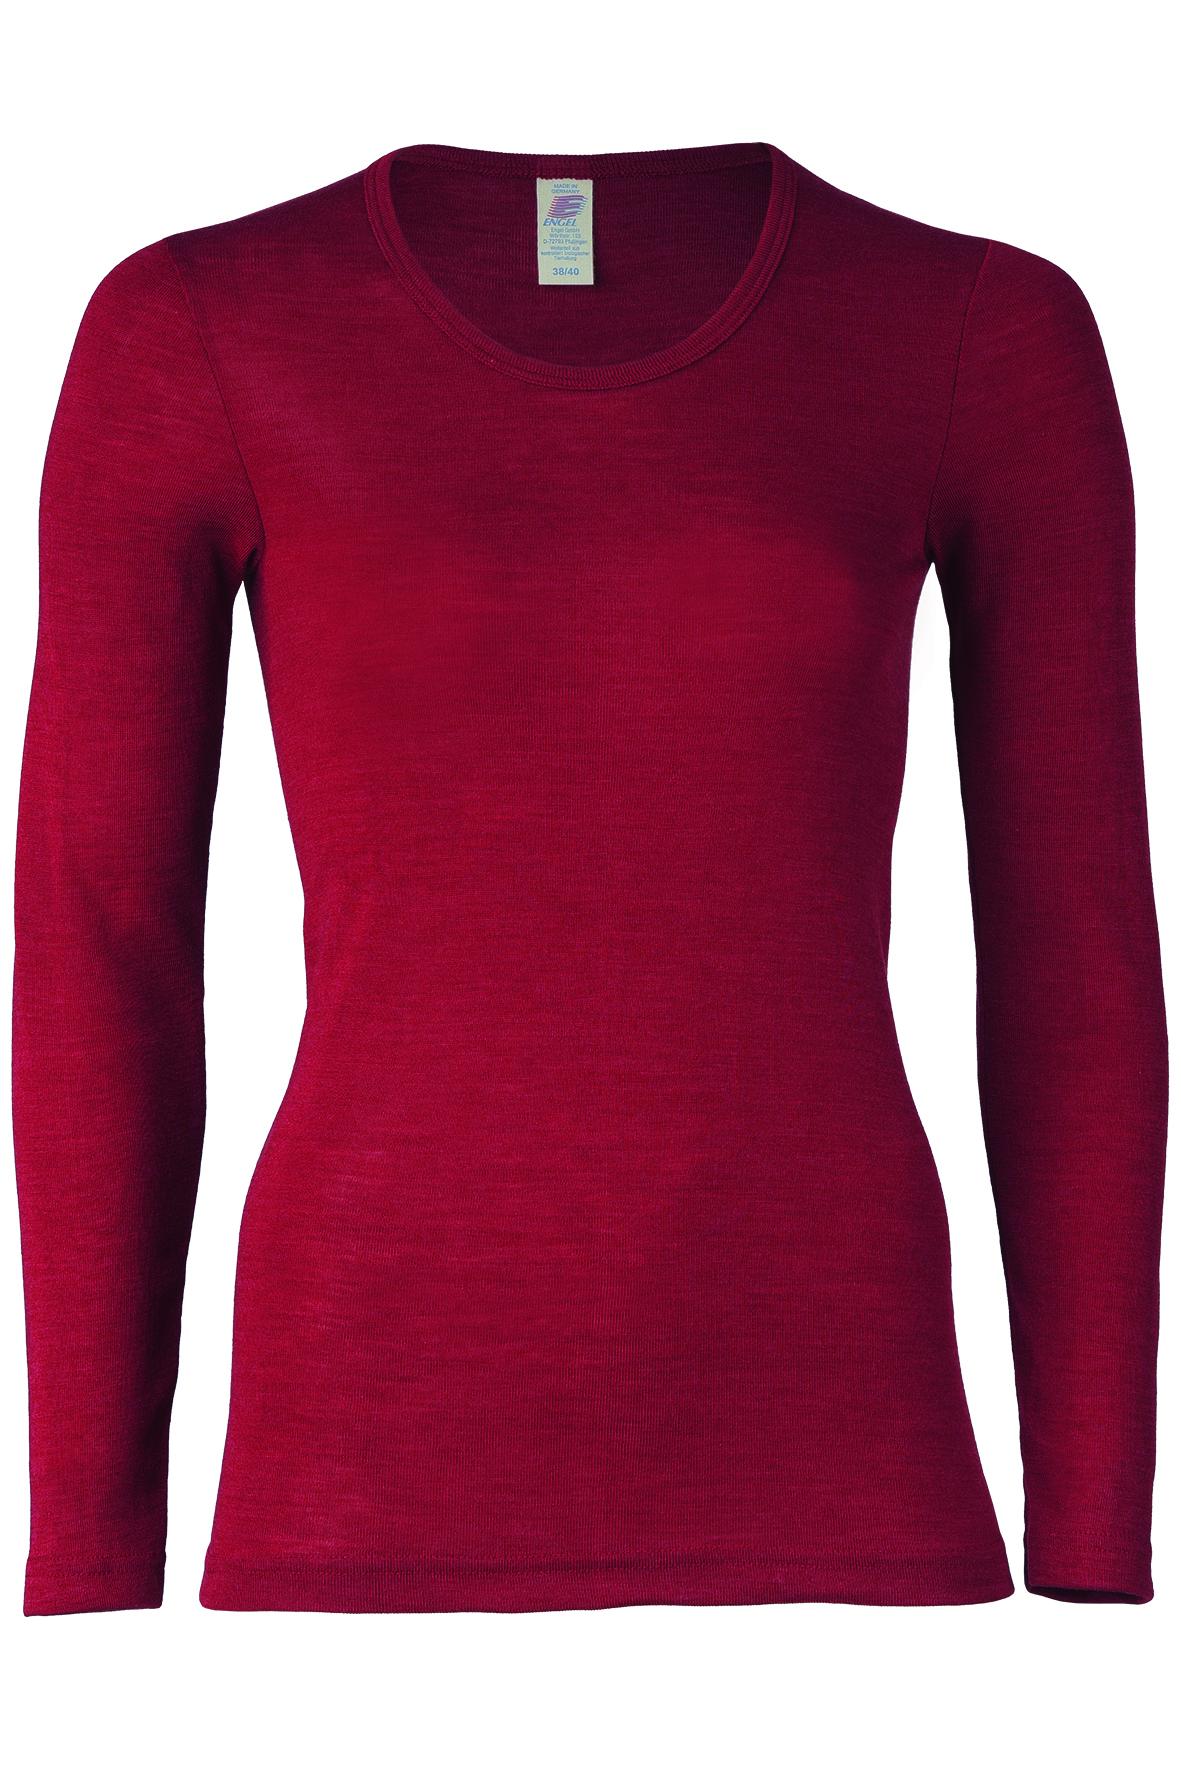 e467fac5601 Röd långärmad tröja för vuxen (dam) i ekologisk GOTS-certifierad ullsilke  från Engel - Mauve - KoKoBello - ekologiskt, hållbart & giftfritt